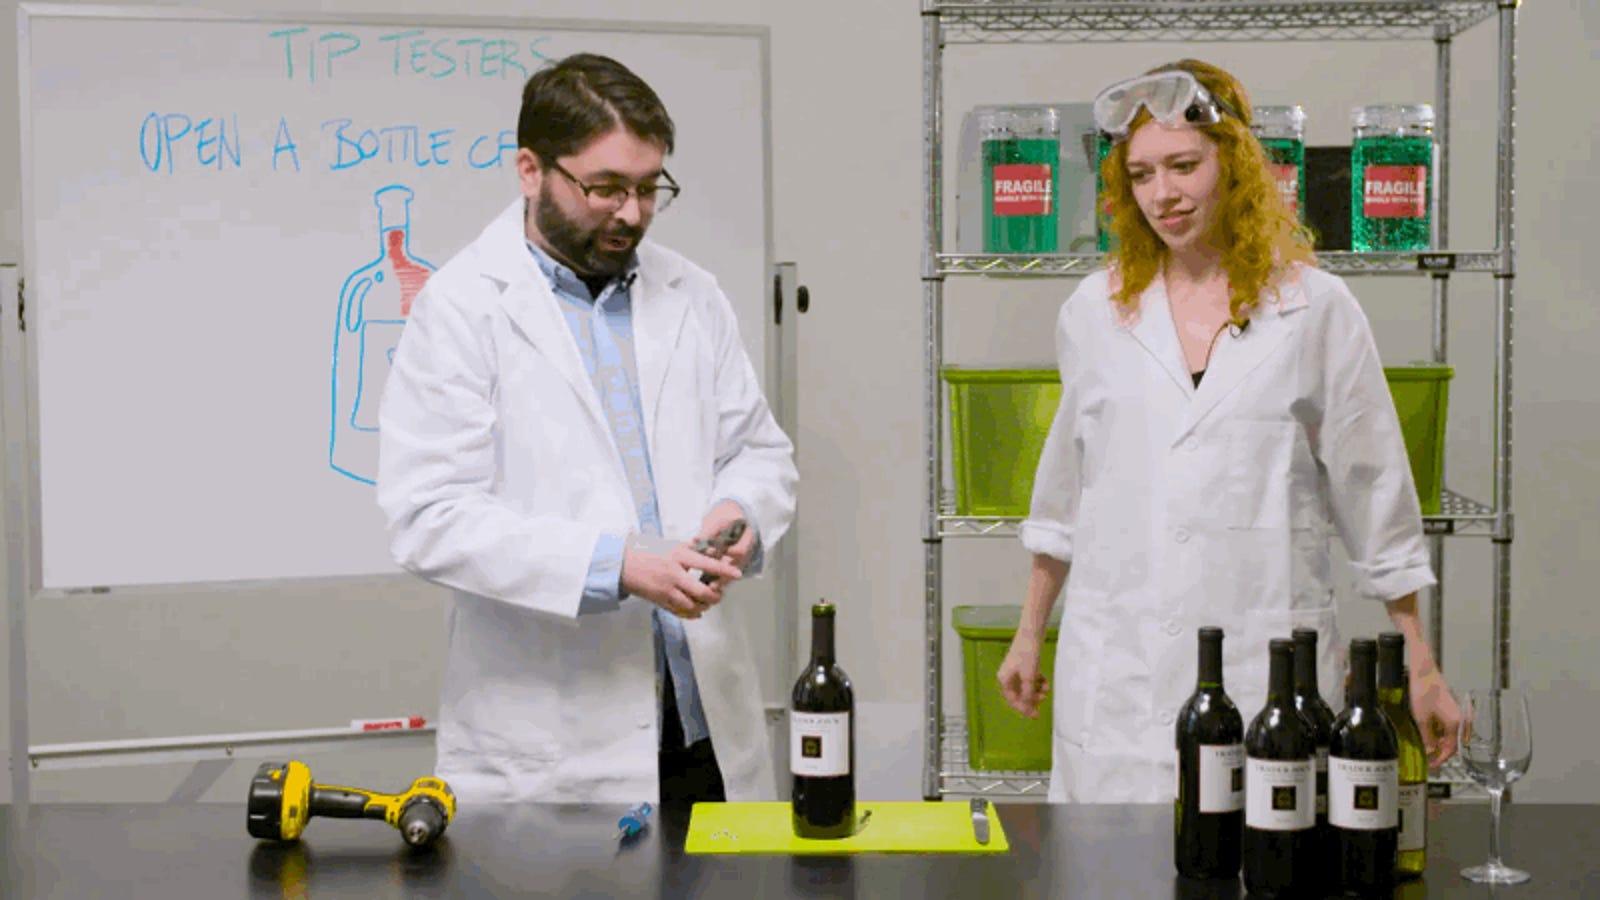 Cómo abrir una botella de vino cuando no hay un sacacorchos a mano